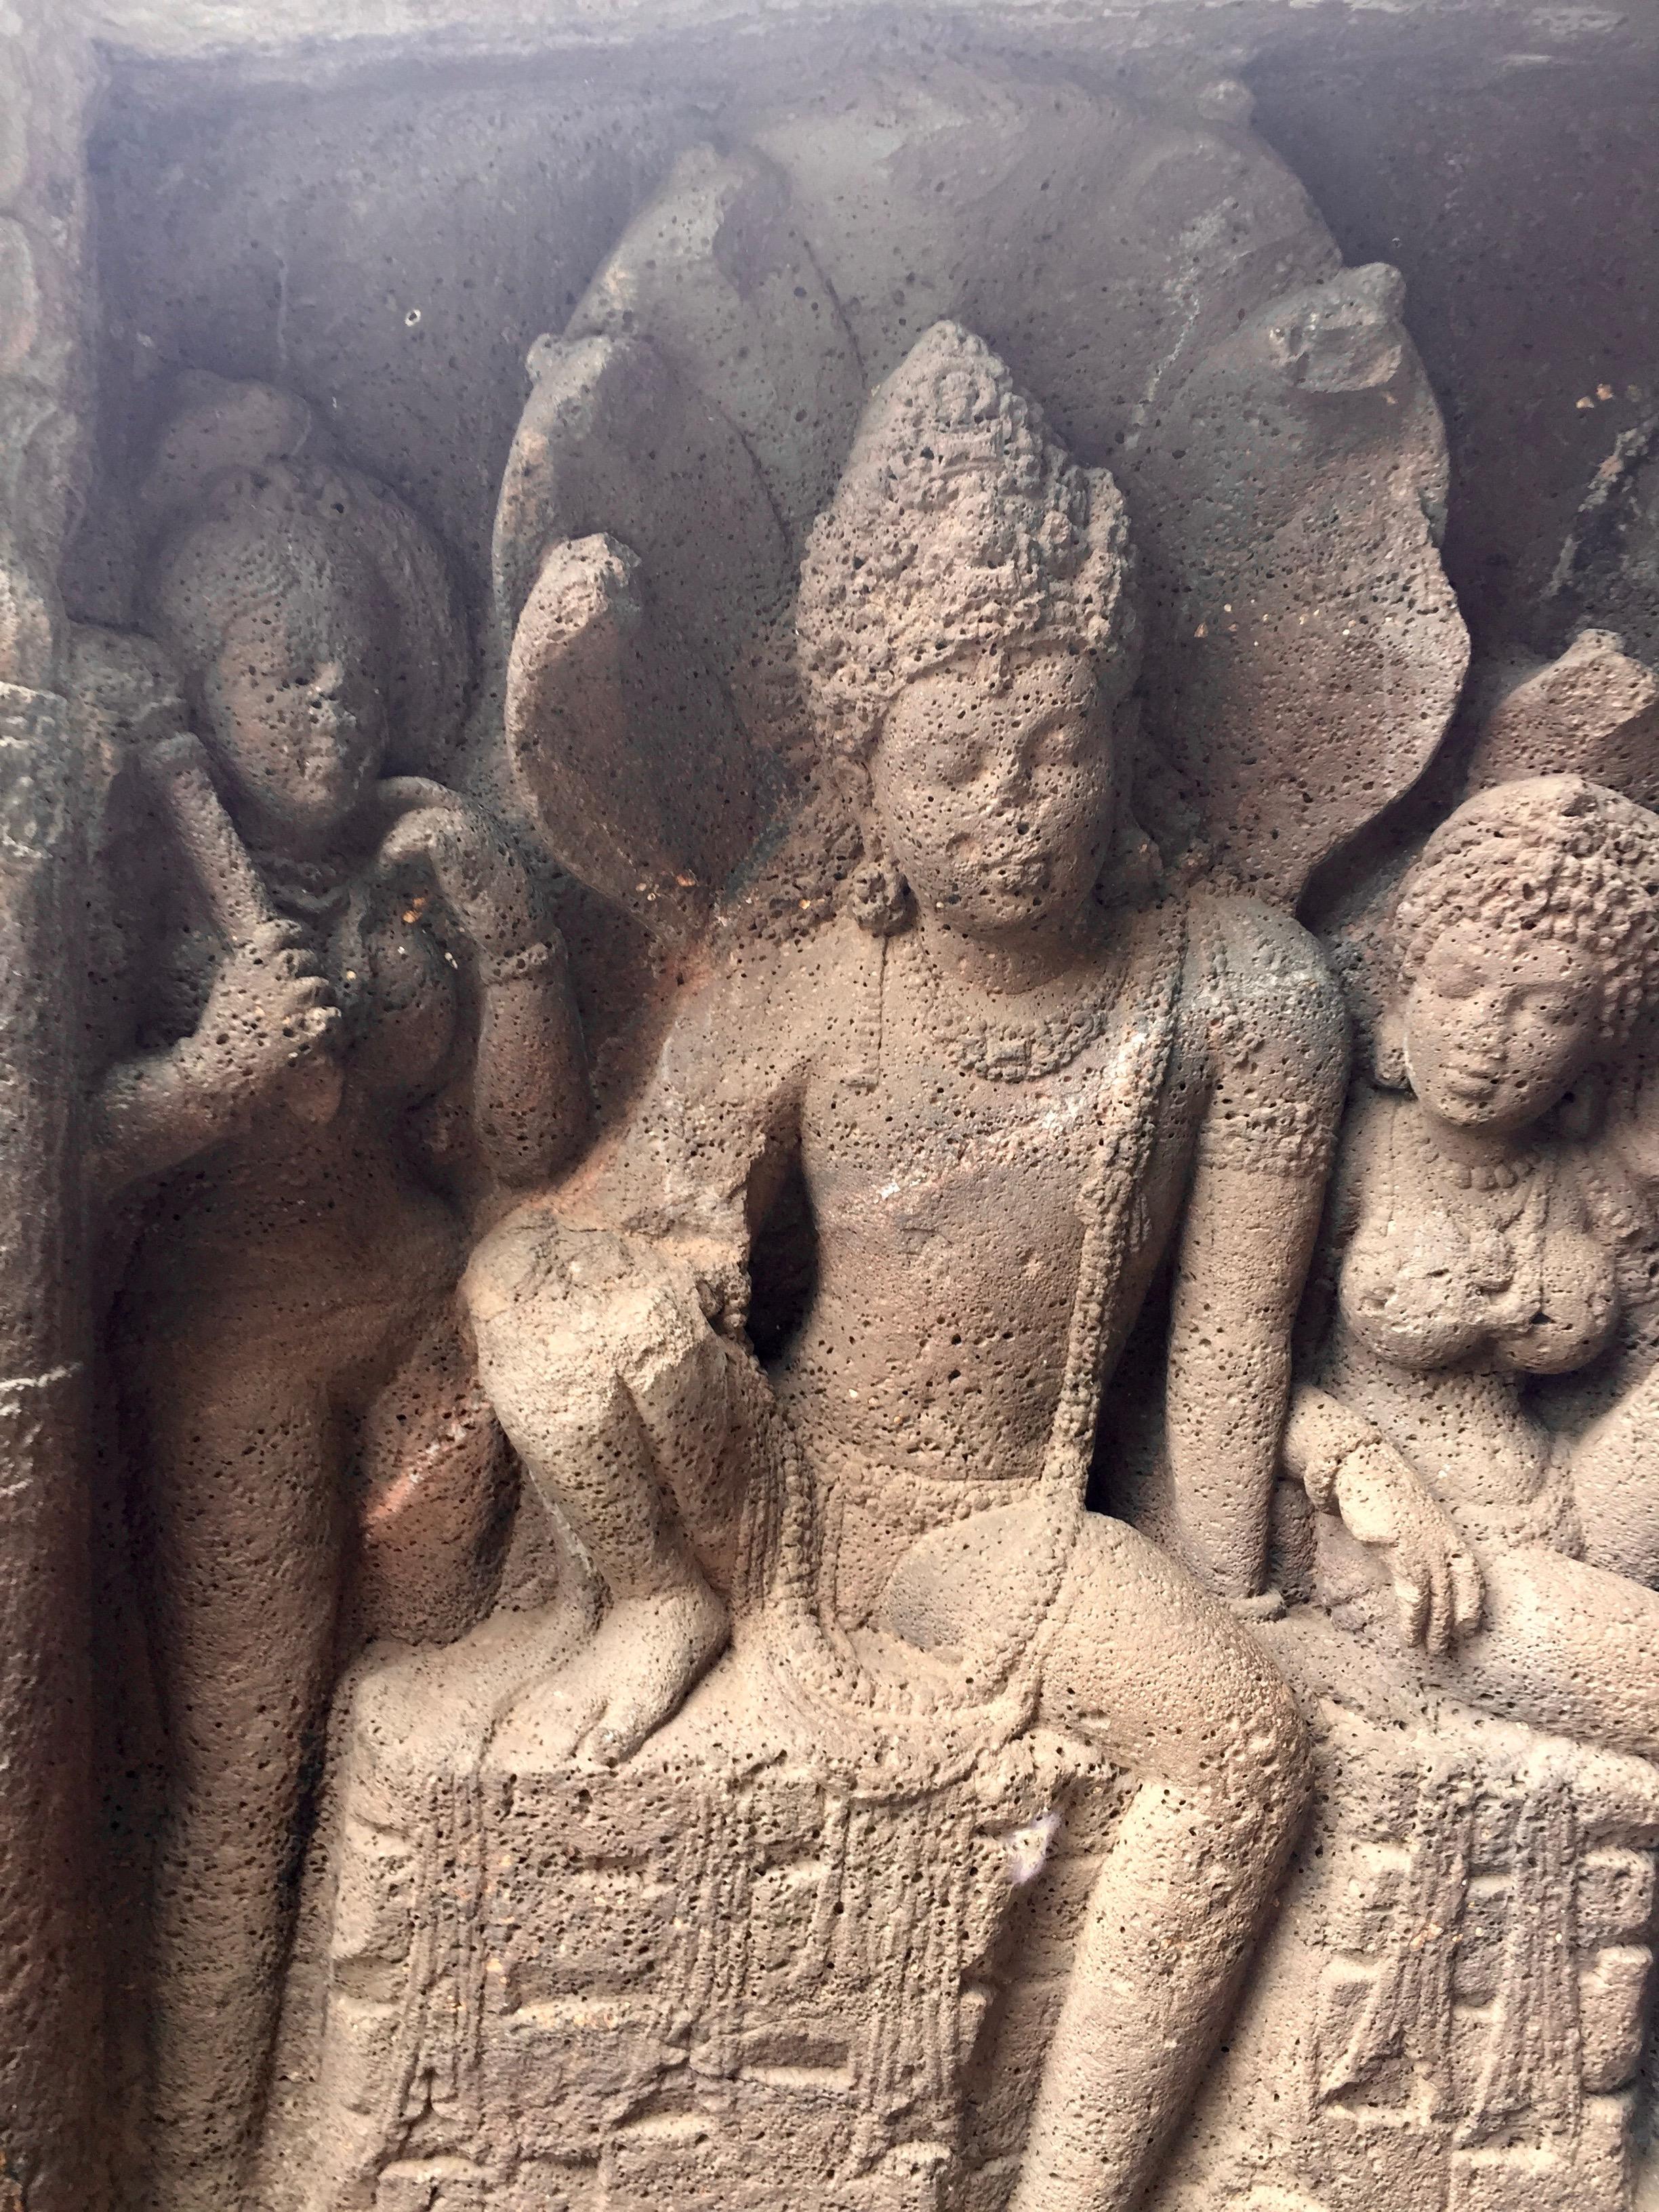 Ídolo de Indra en las cuevas de Ajanta en Maharashtra (India). Según los antiguos textos indios Indra era un consumidor de soma.